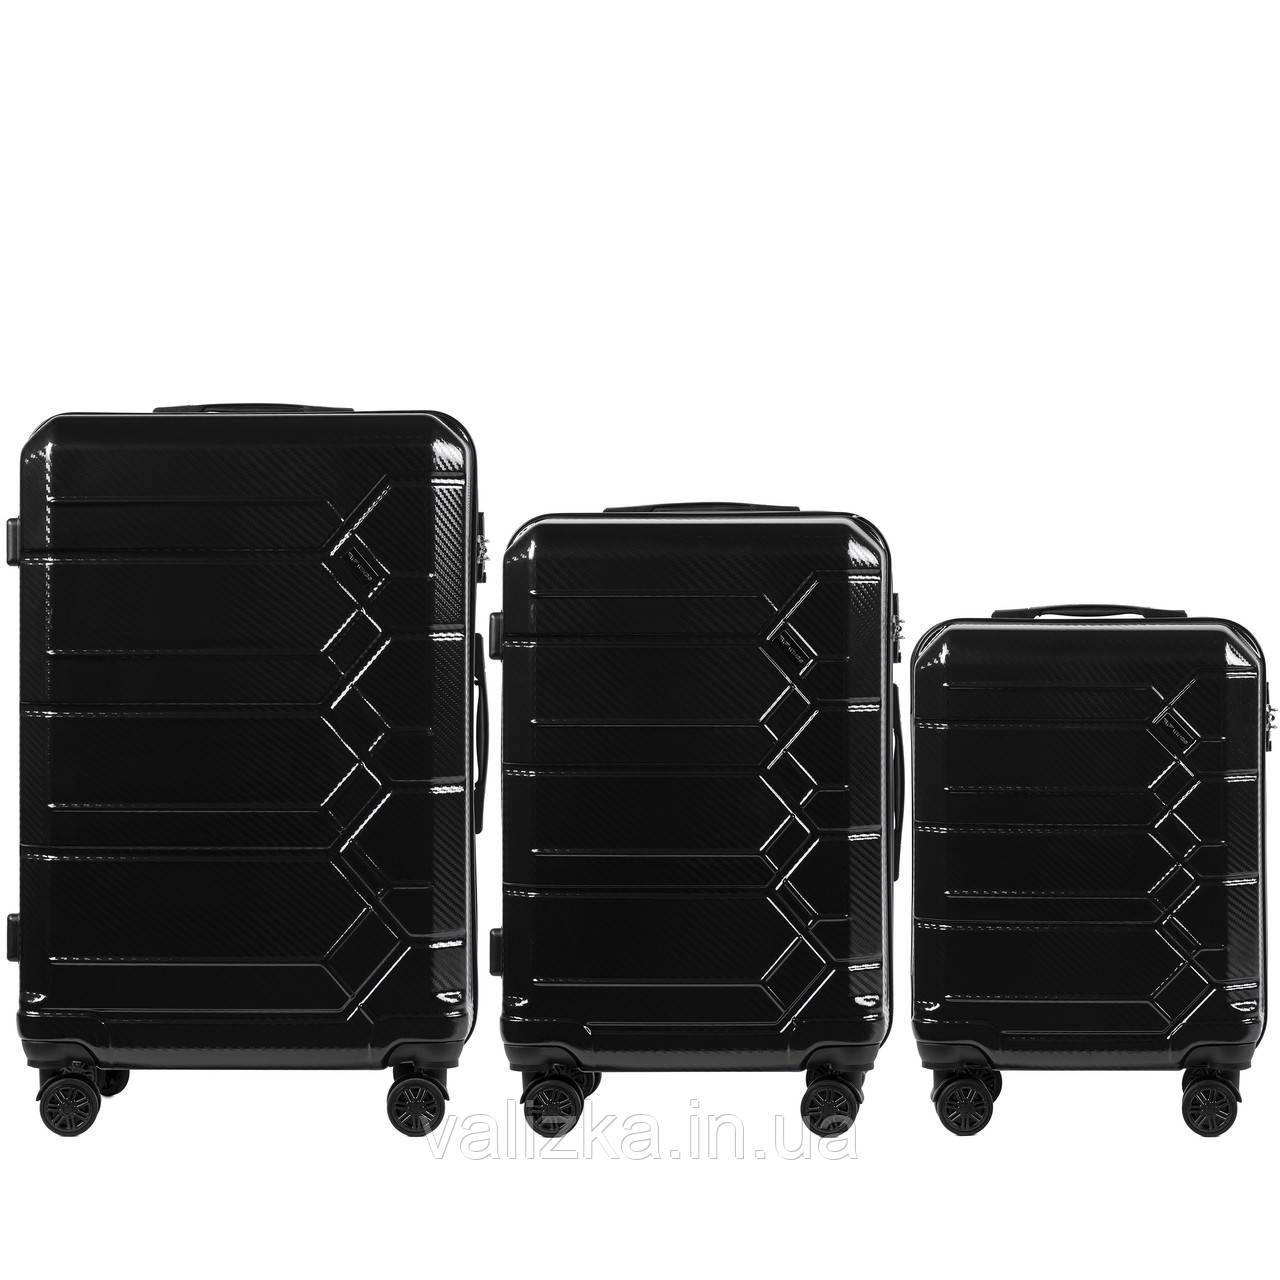 Комплект чемоданов из поликарбоната премиум серии Wings 185